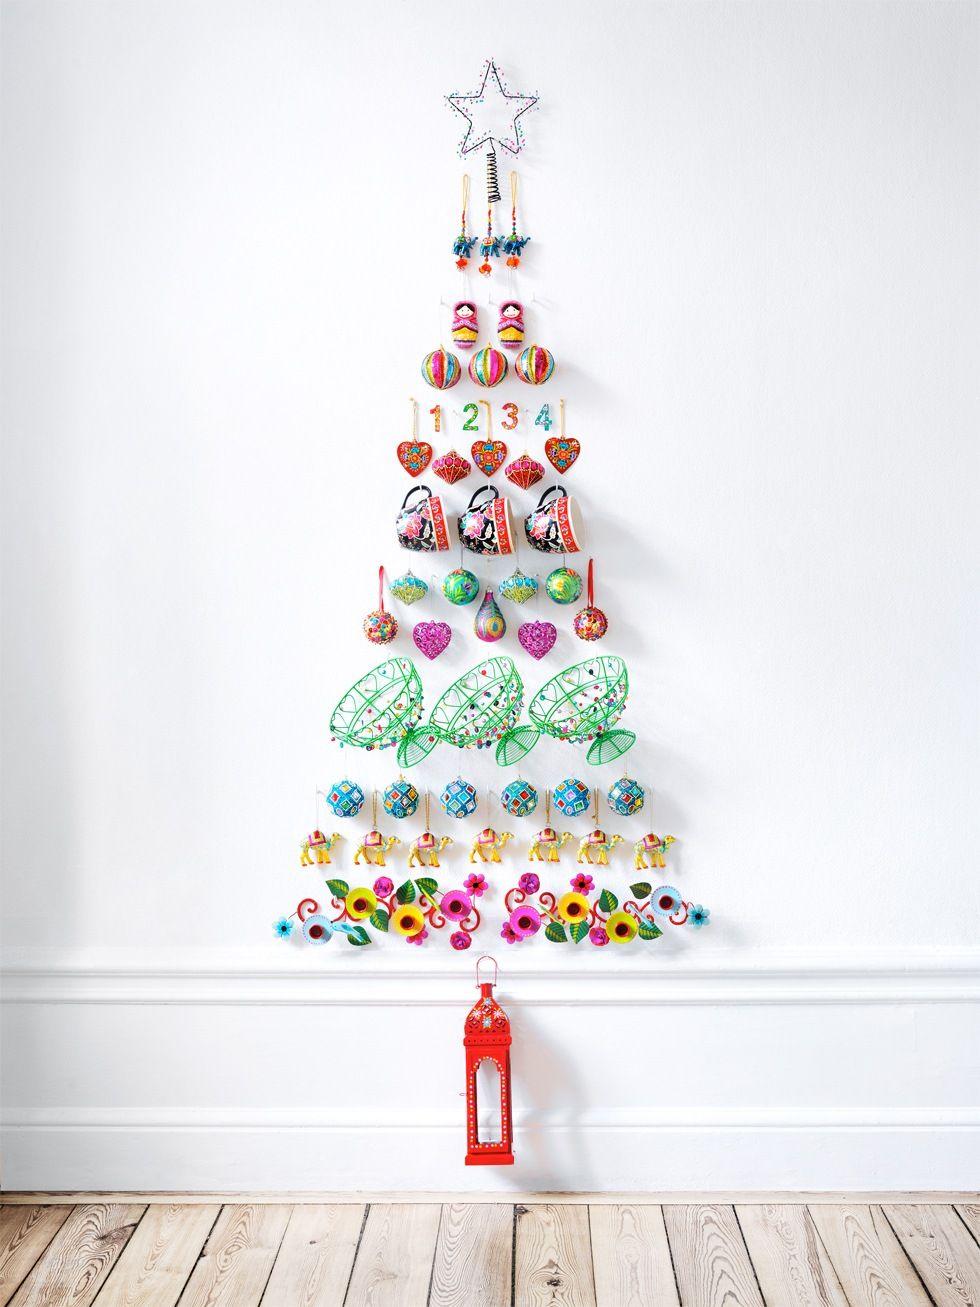 Un rbol de navidad muy original Decoracin de Navidad Christmas